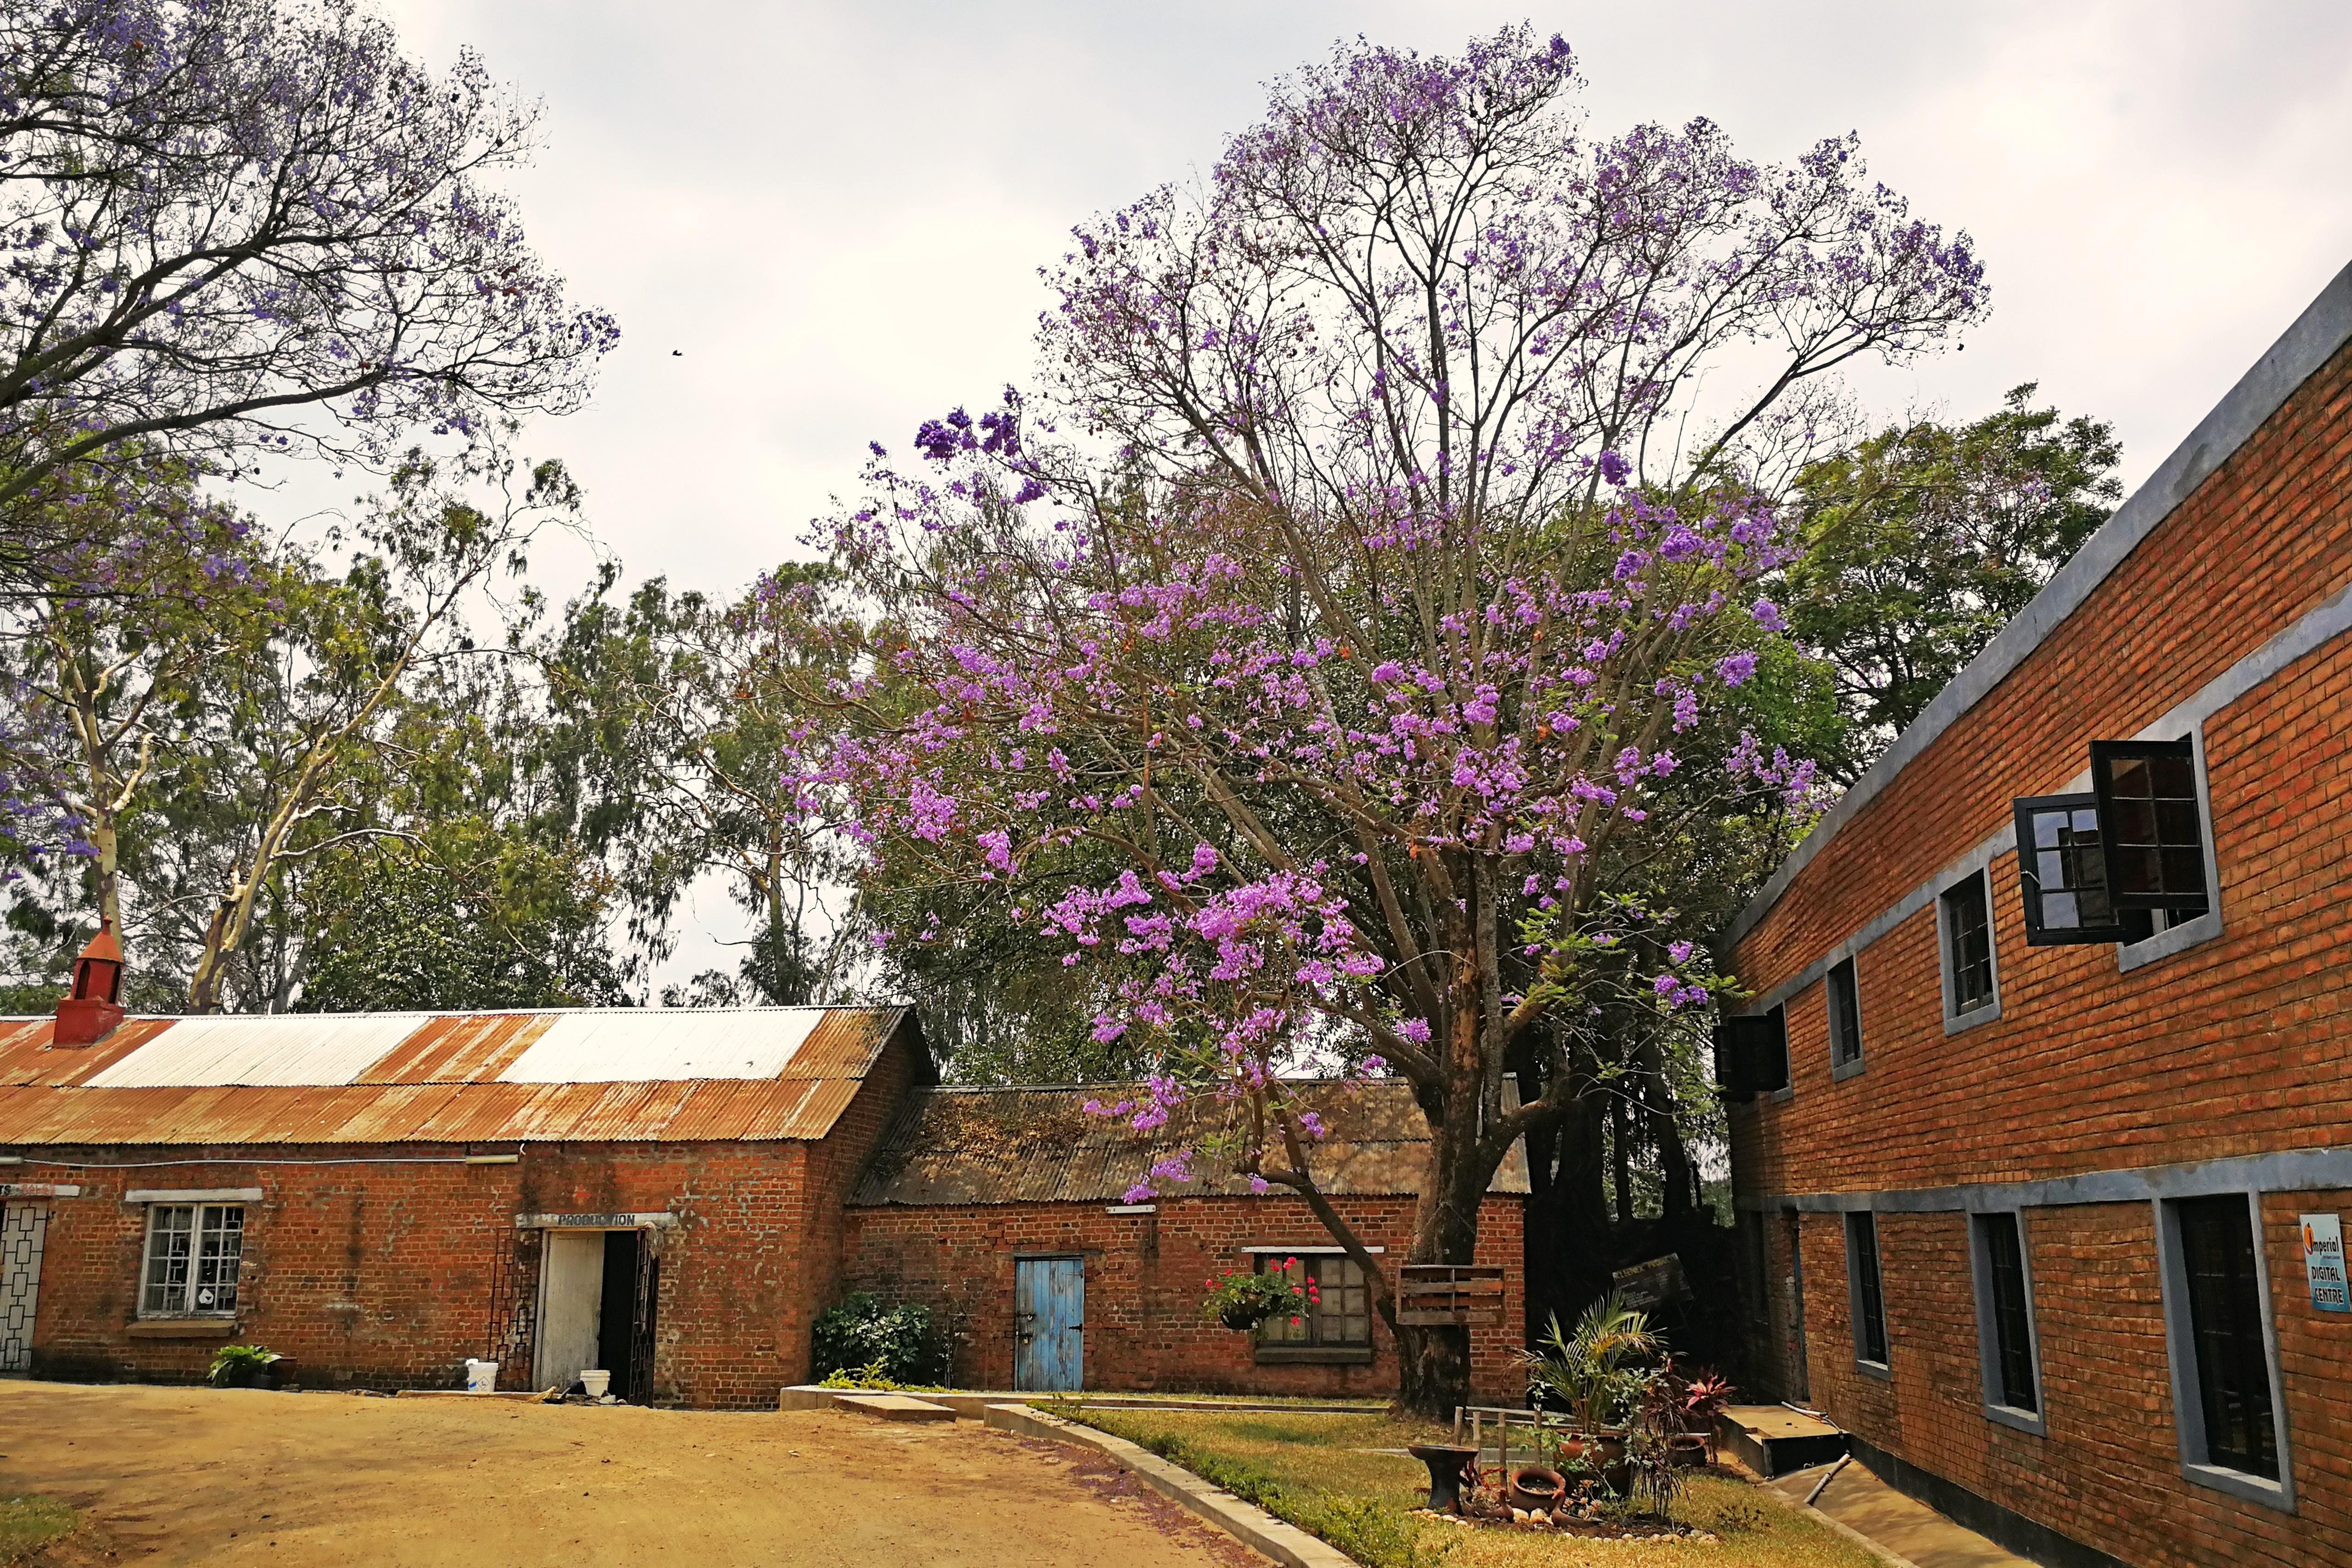 Unter Jacaranda Bäumen kann man in einem ehemaligen Fabrikgelände schöne Souvenirs erstehen